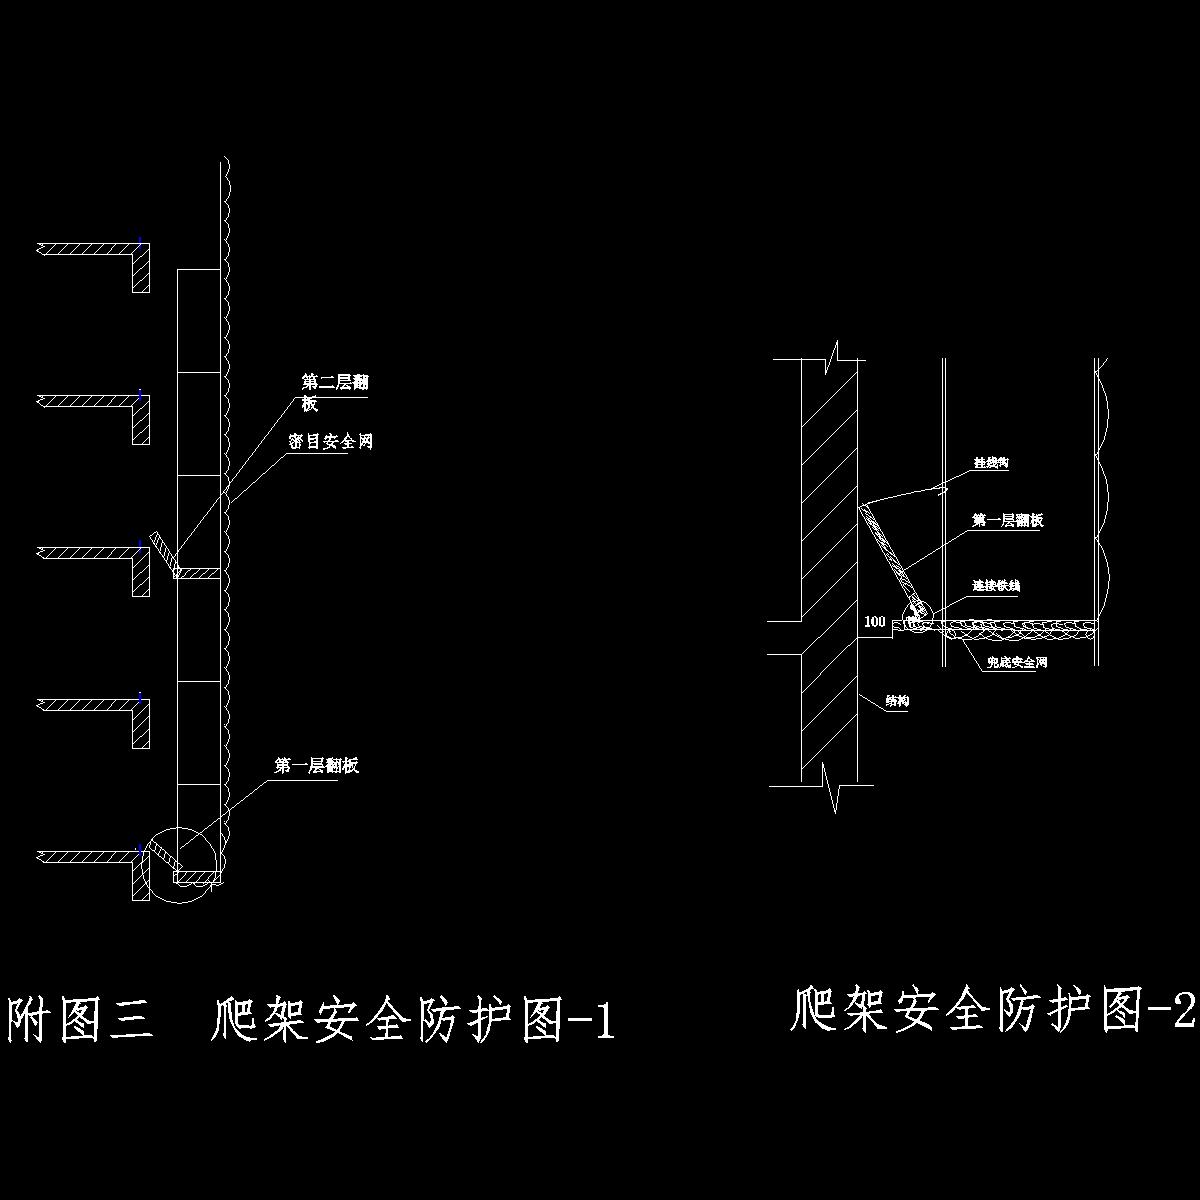 附图三 爬架安全防护图-1、-2.dwg